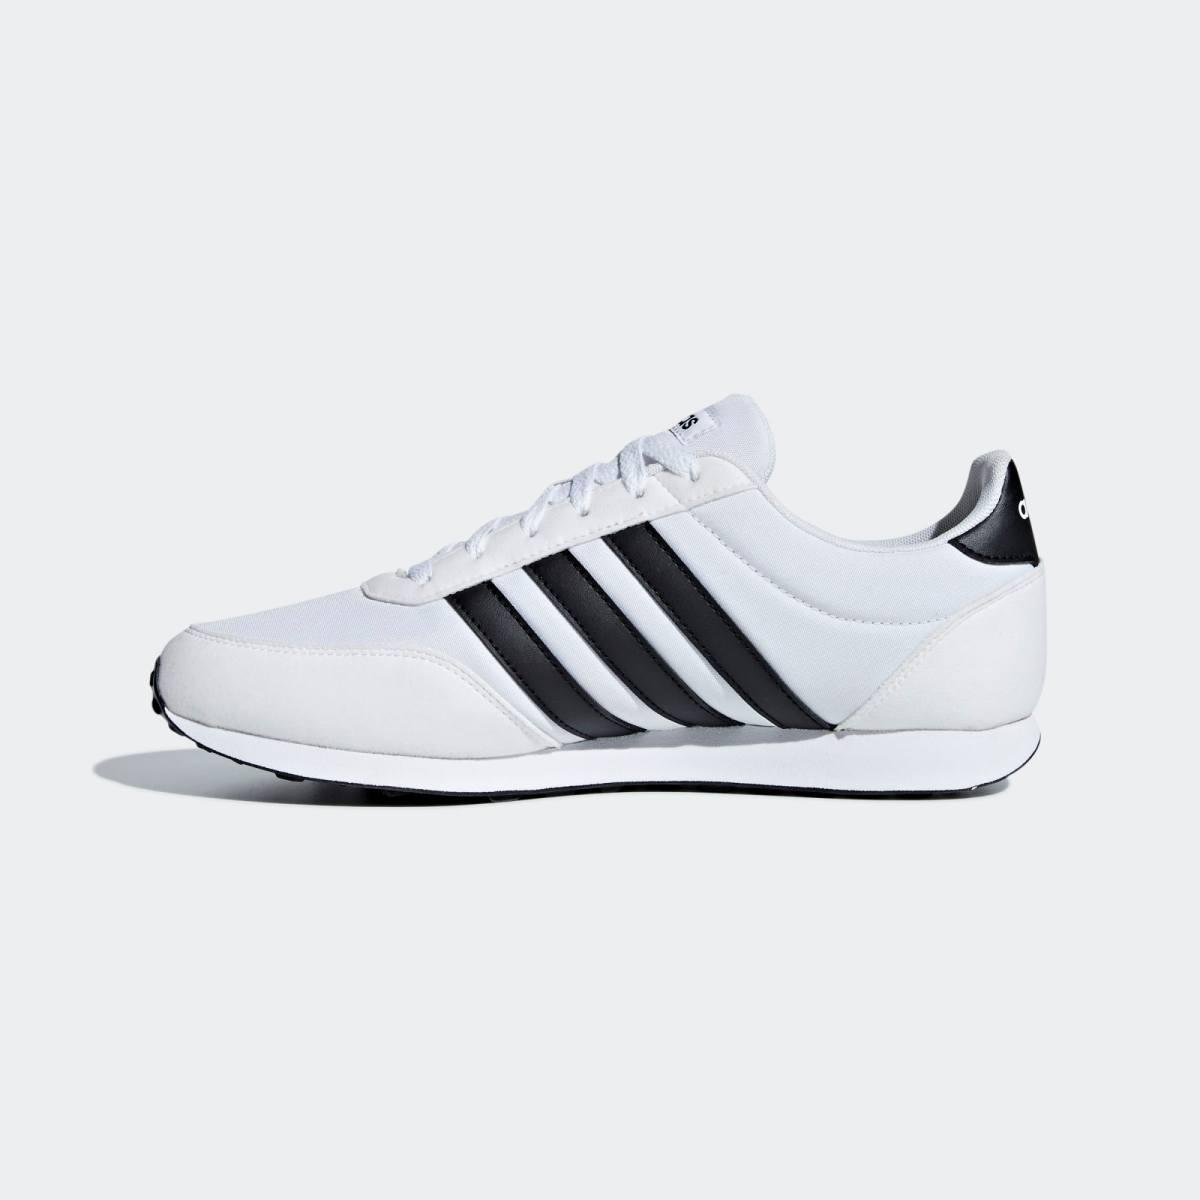 V_Racer_2.0_Shoes_White_B75796_06_standard